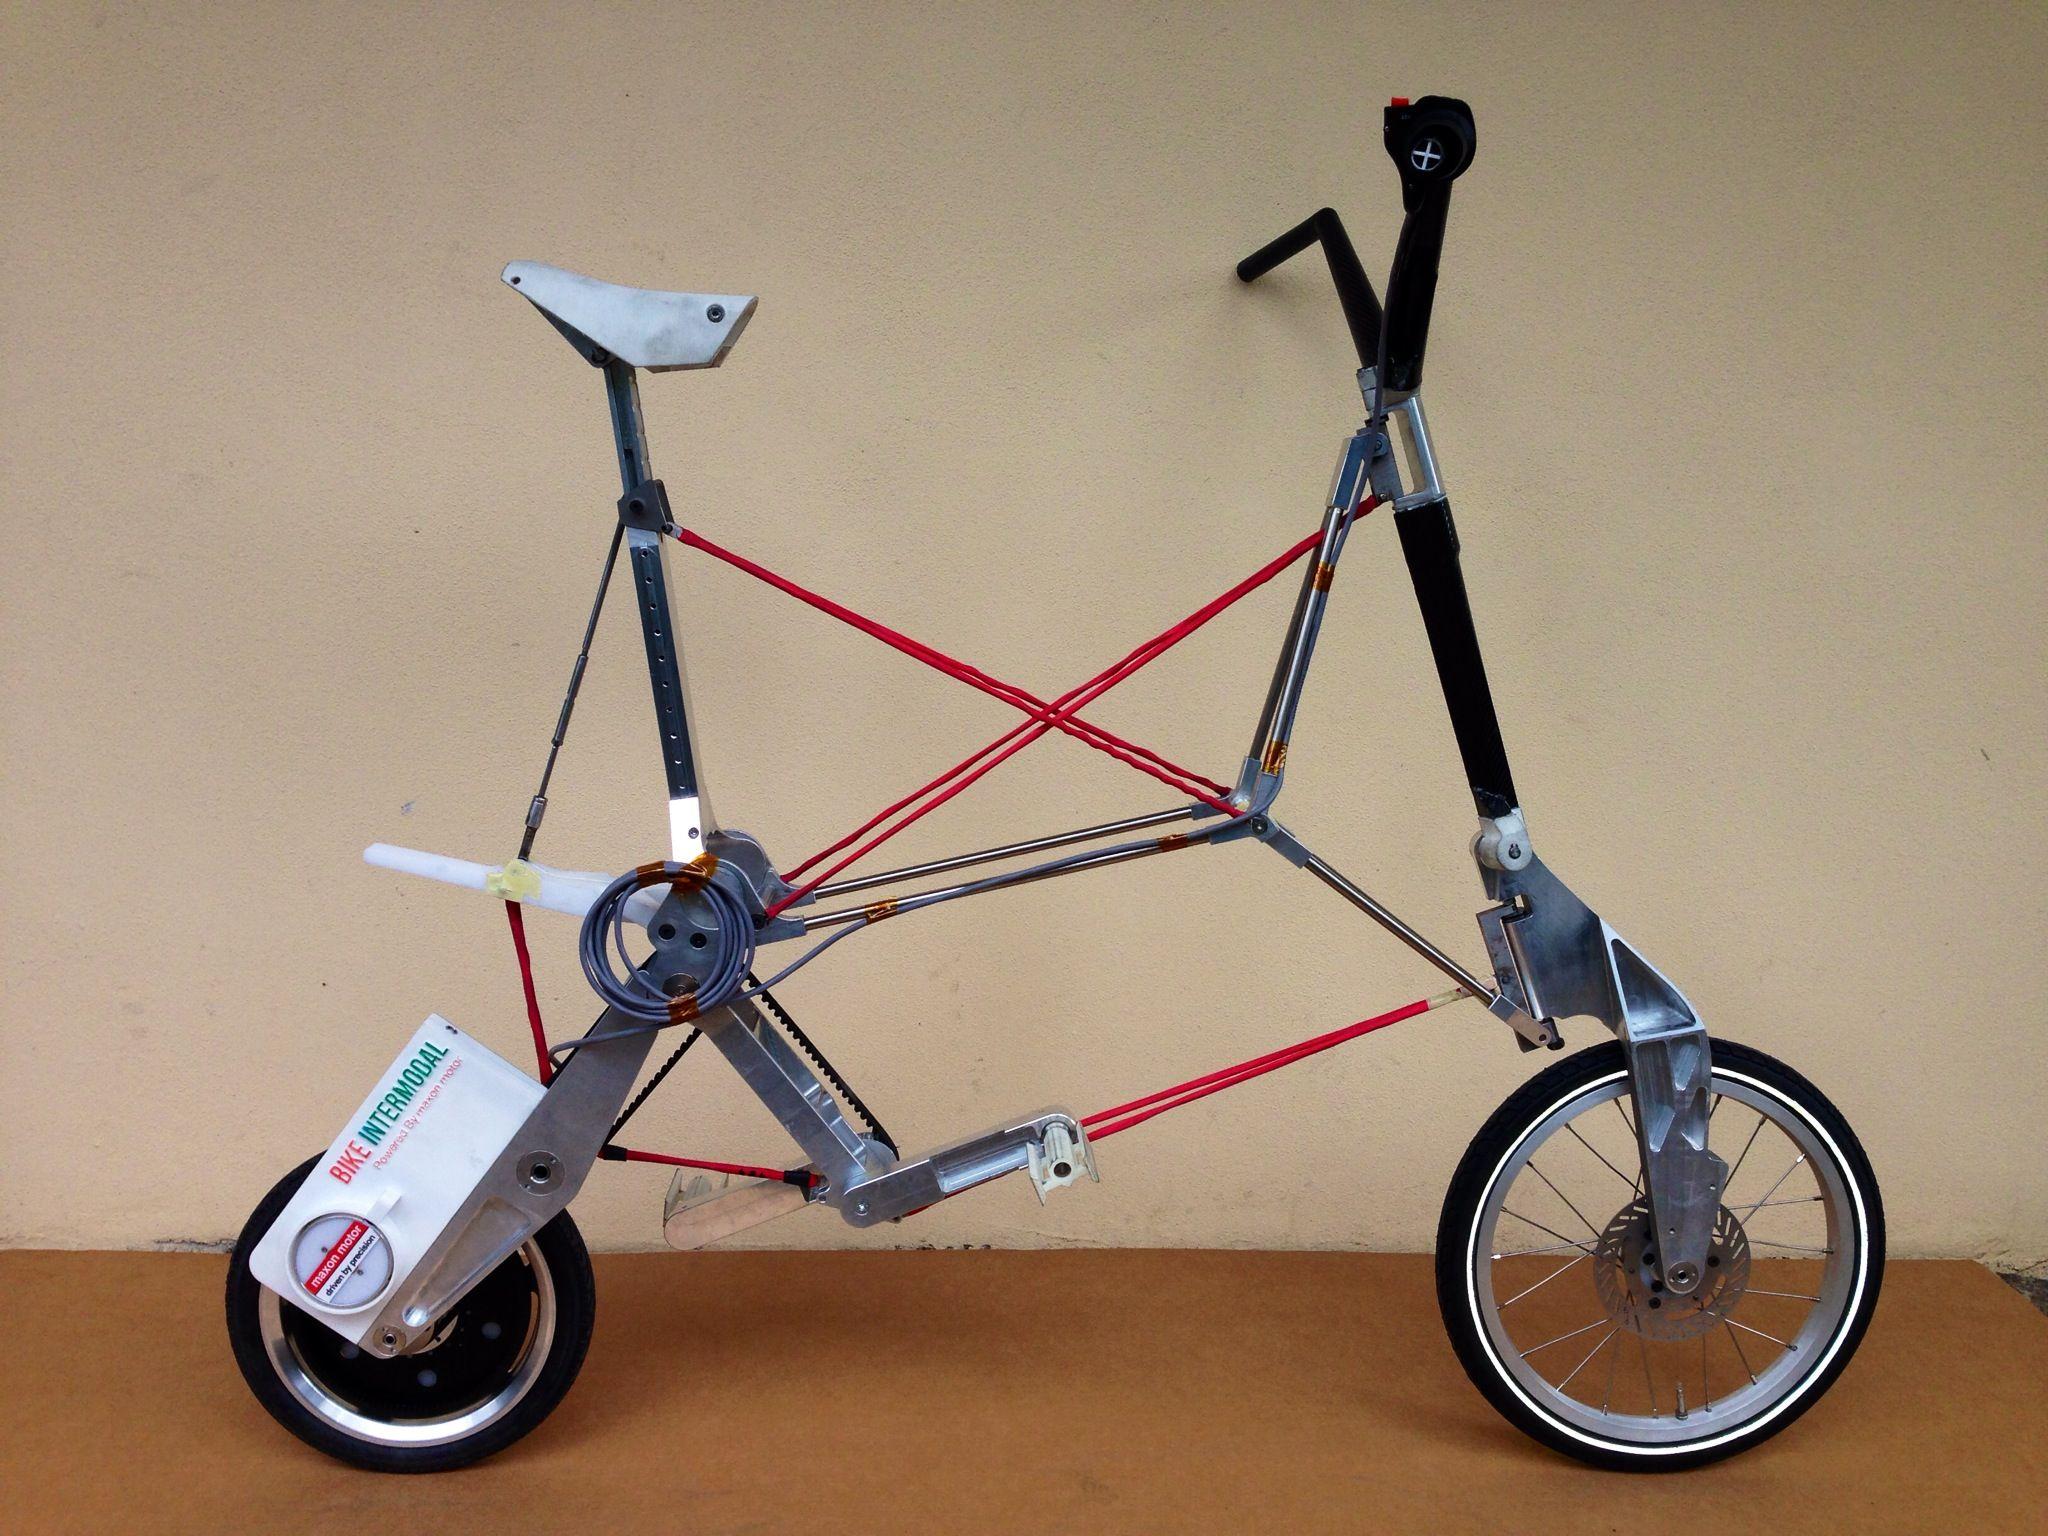 Levoluzione Della Bicicletta Pieghevole Elettrica E Riciclabile